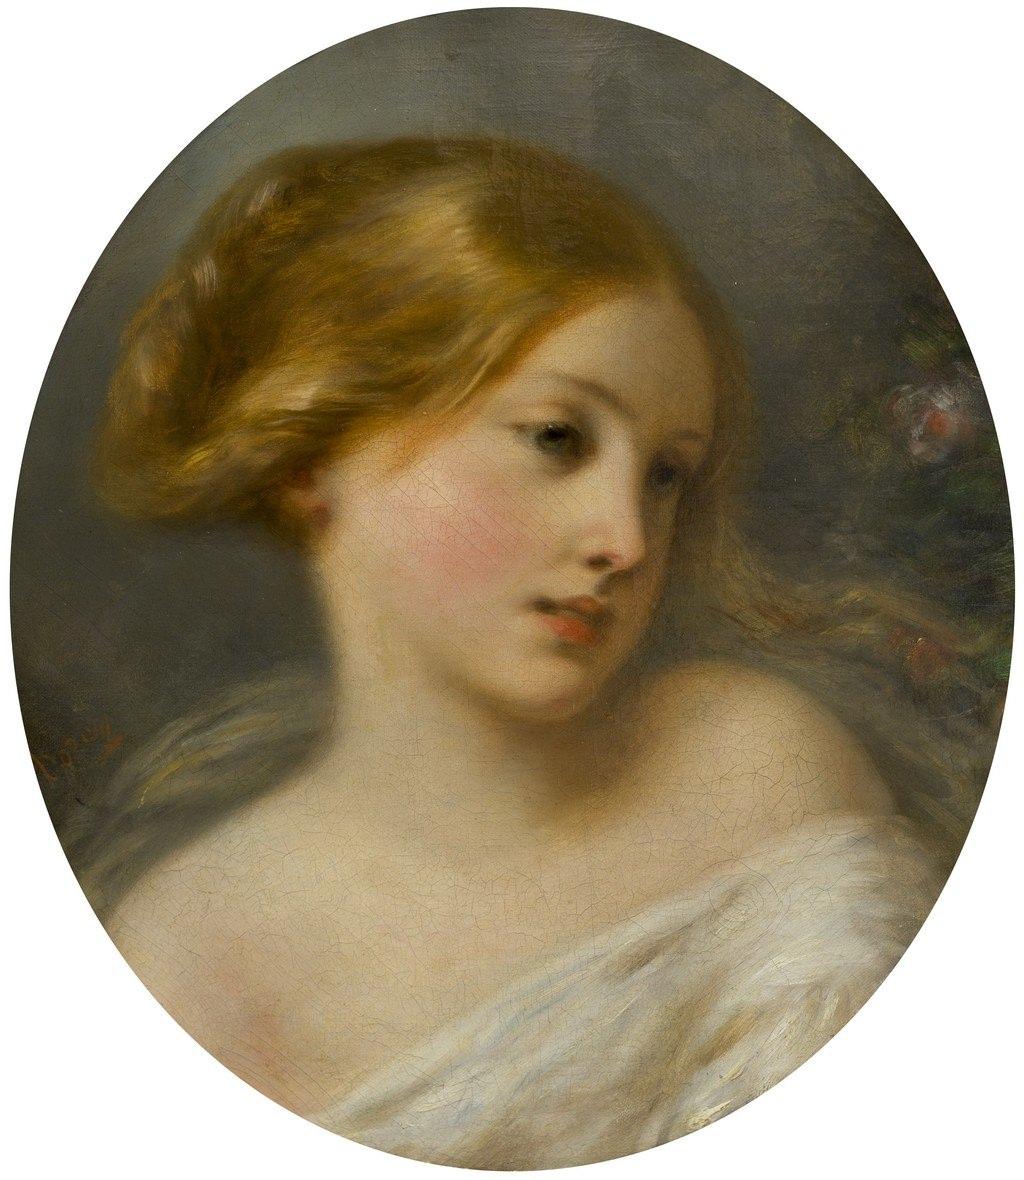 Дедре-Дорси. Женская головка, овал. XIX в. Холст, масло